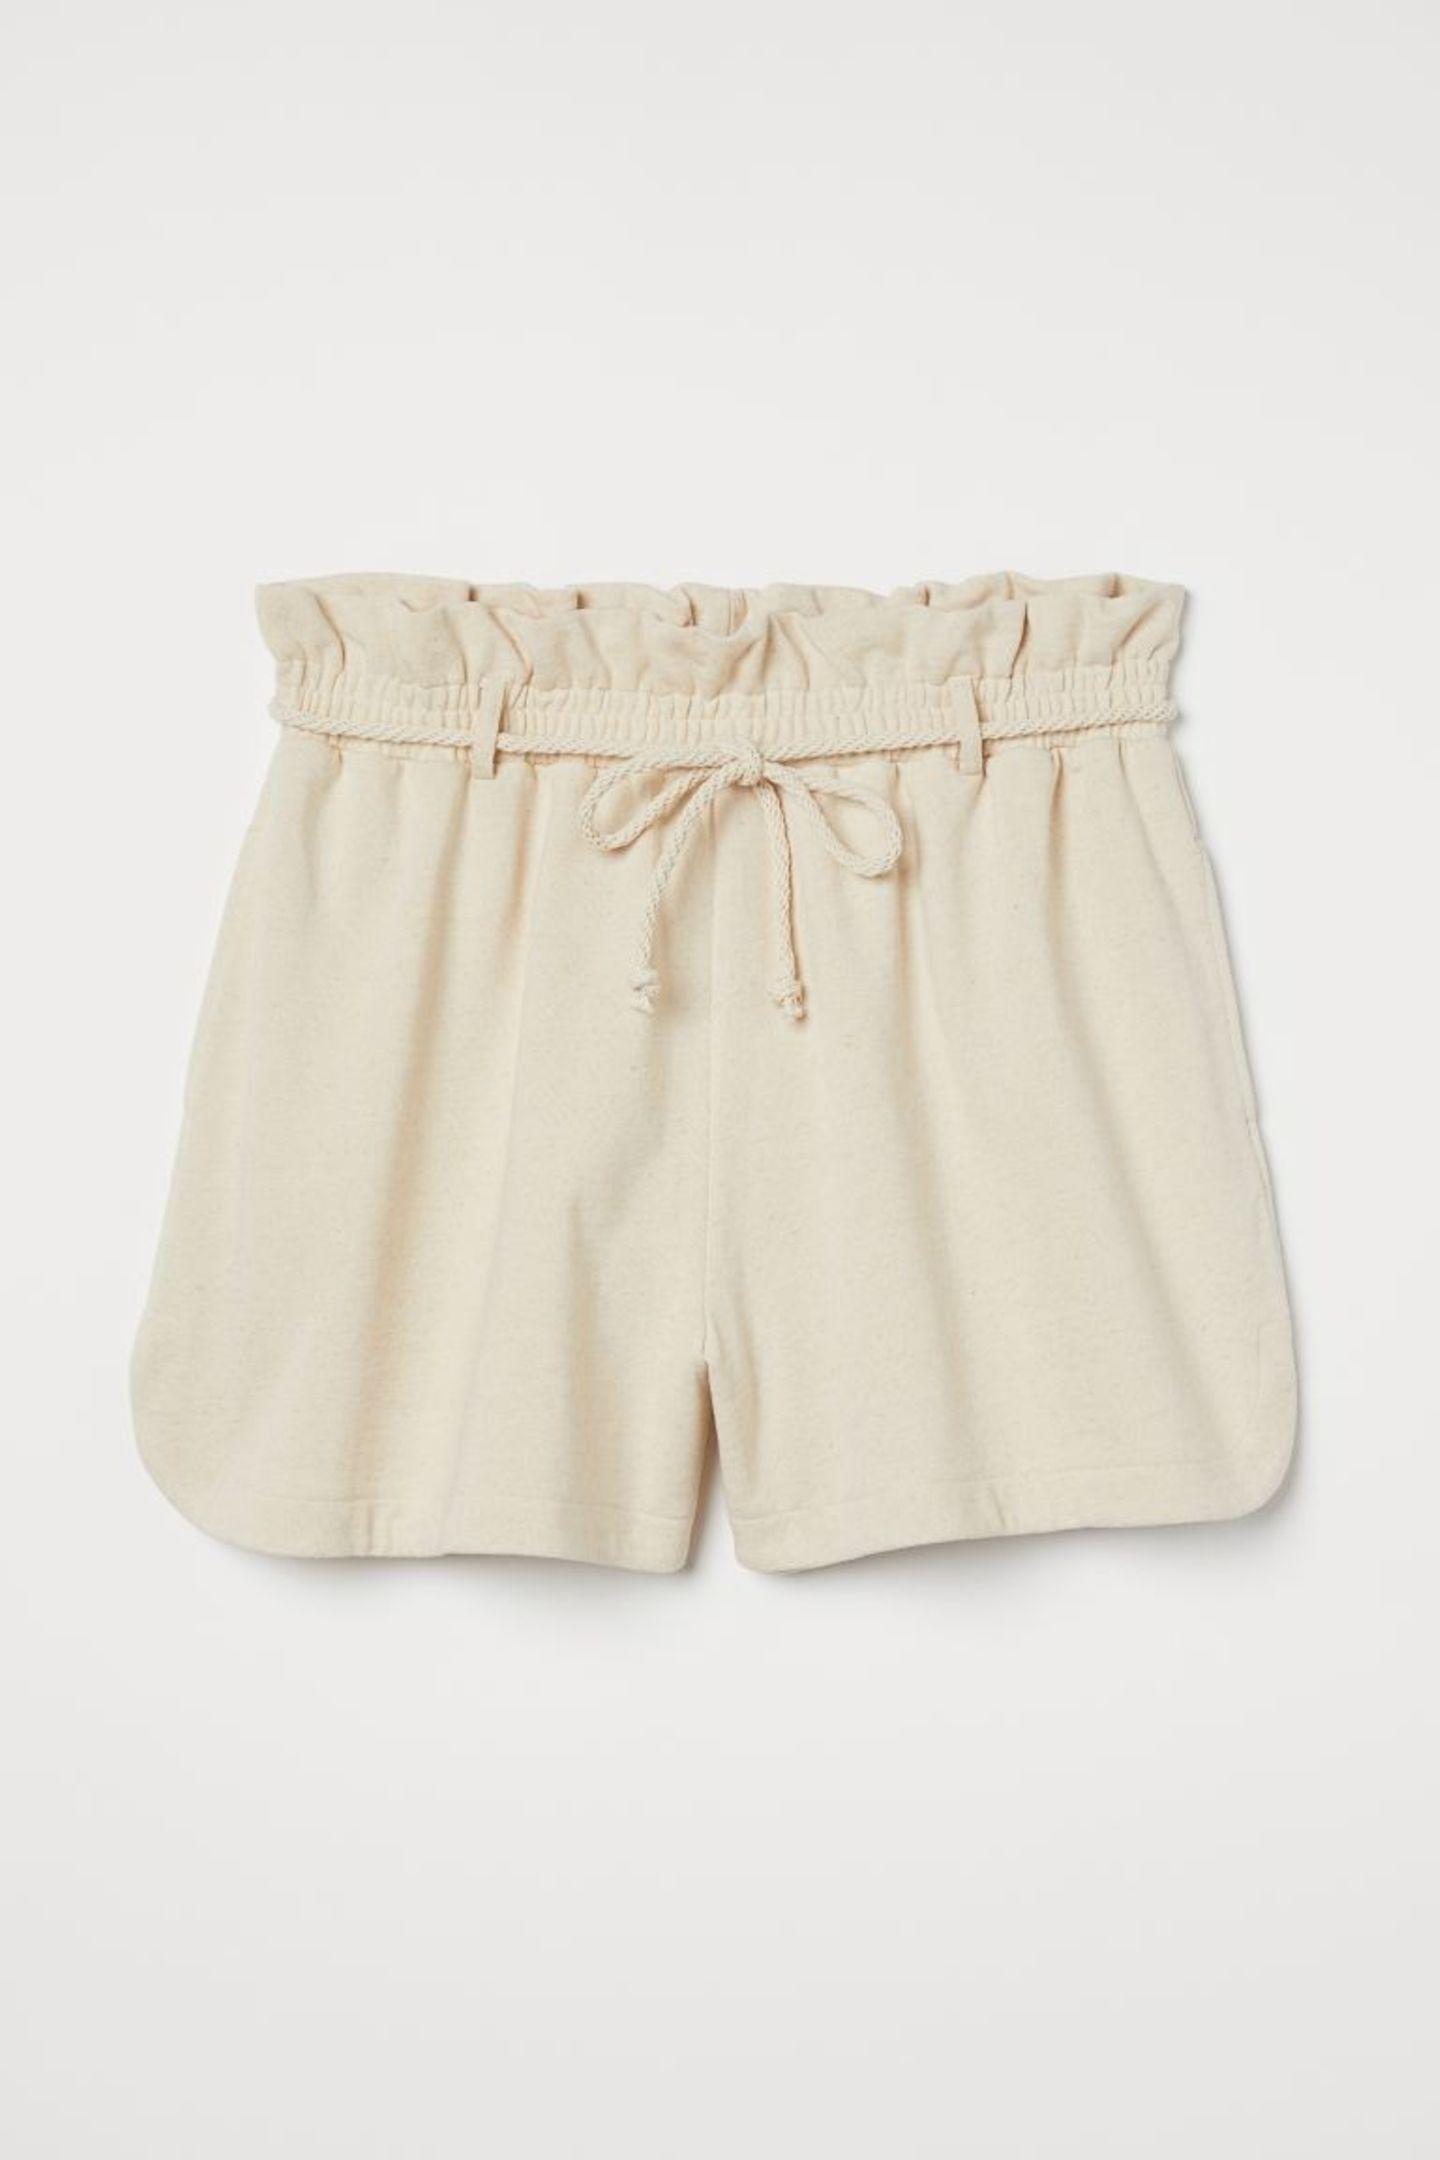 bei diesen Paperbag-Shorts vermisst keiner Rock oder Kleid. Super lässig für zuhause oder entspannt für draußen – dieses Teil ist echter Sommer-Favorit. Von H&M+, um 20 Euro.